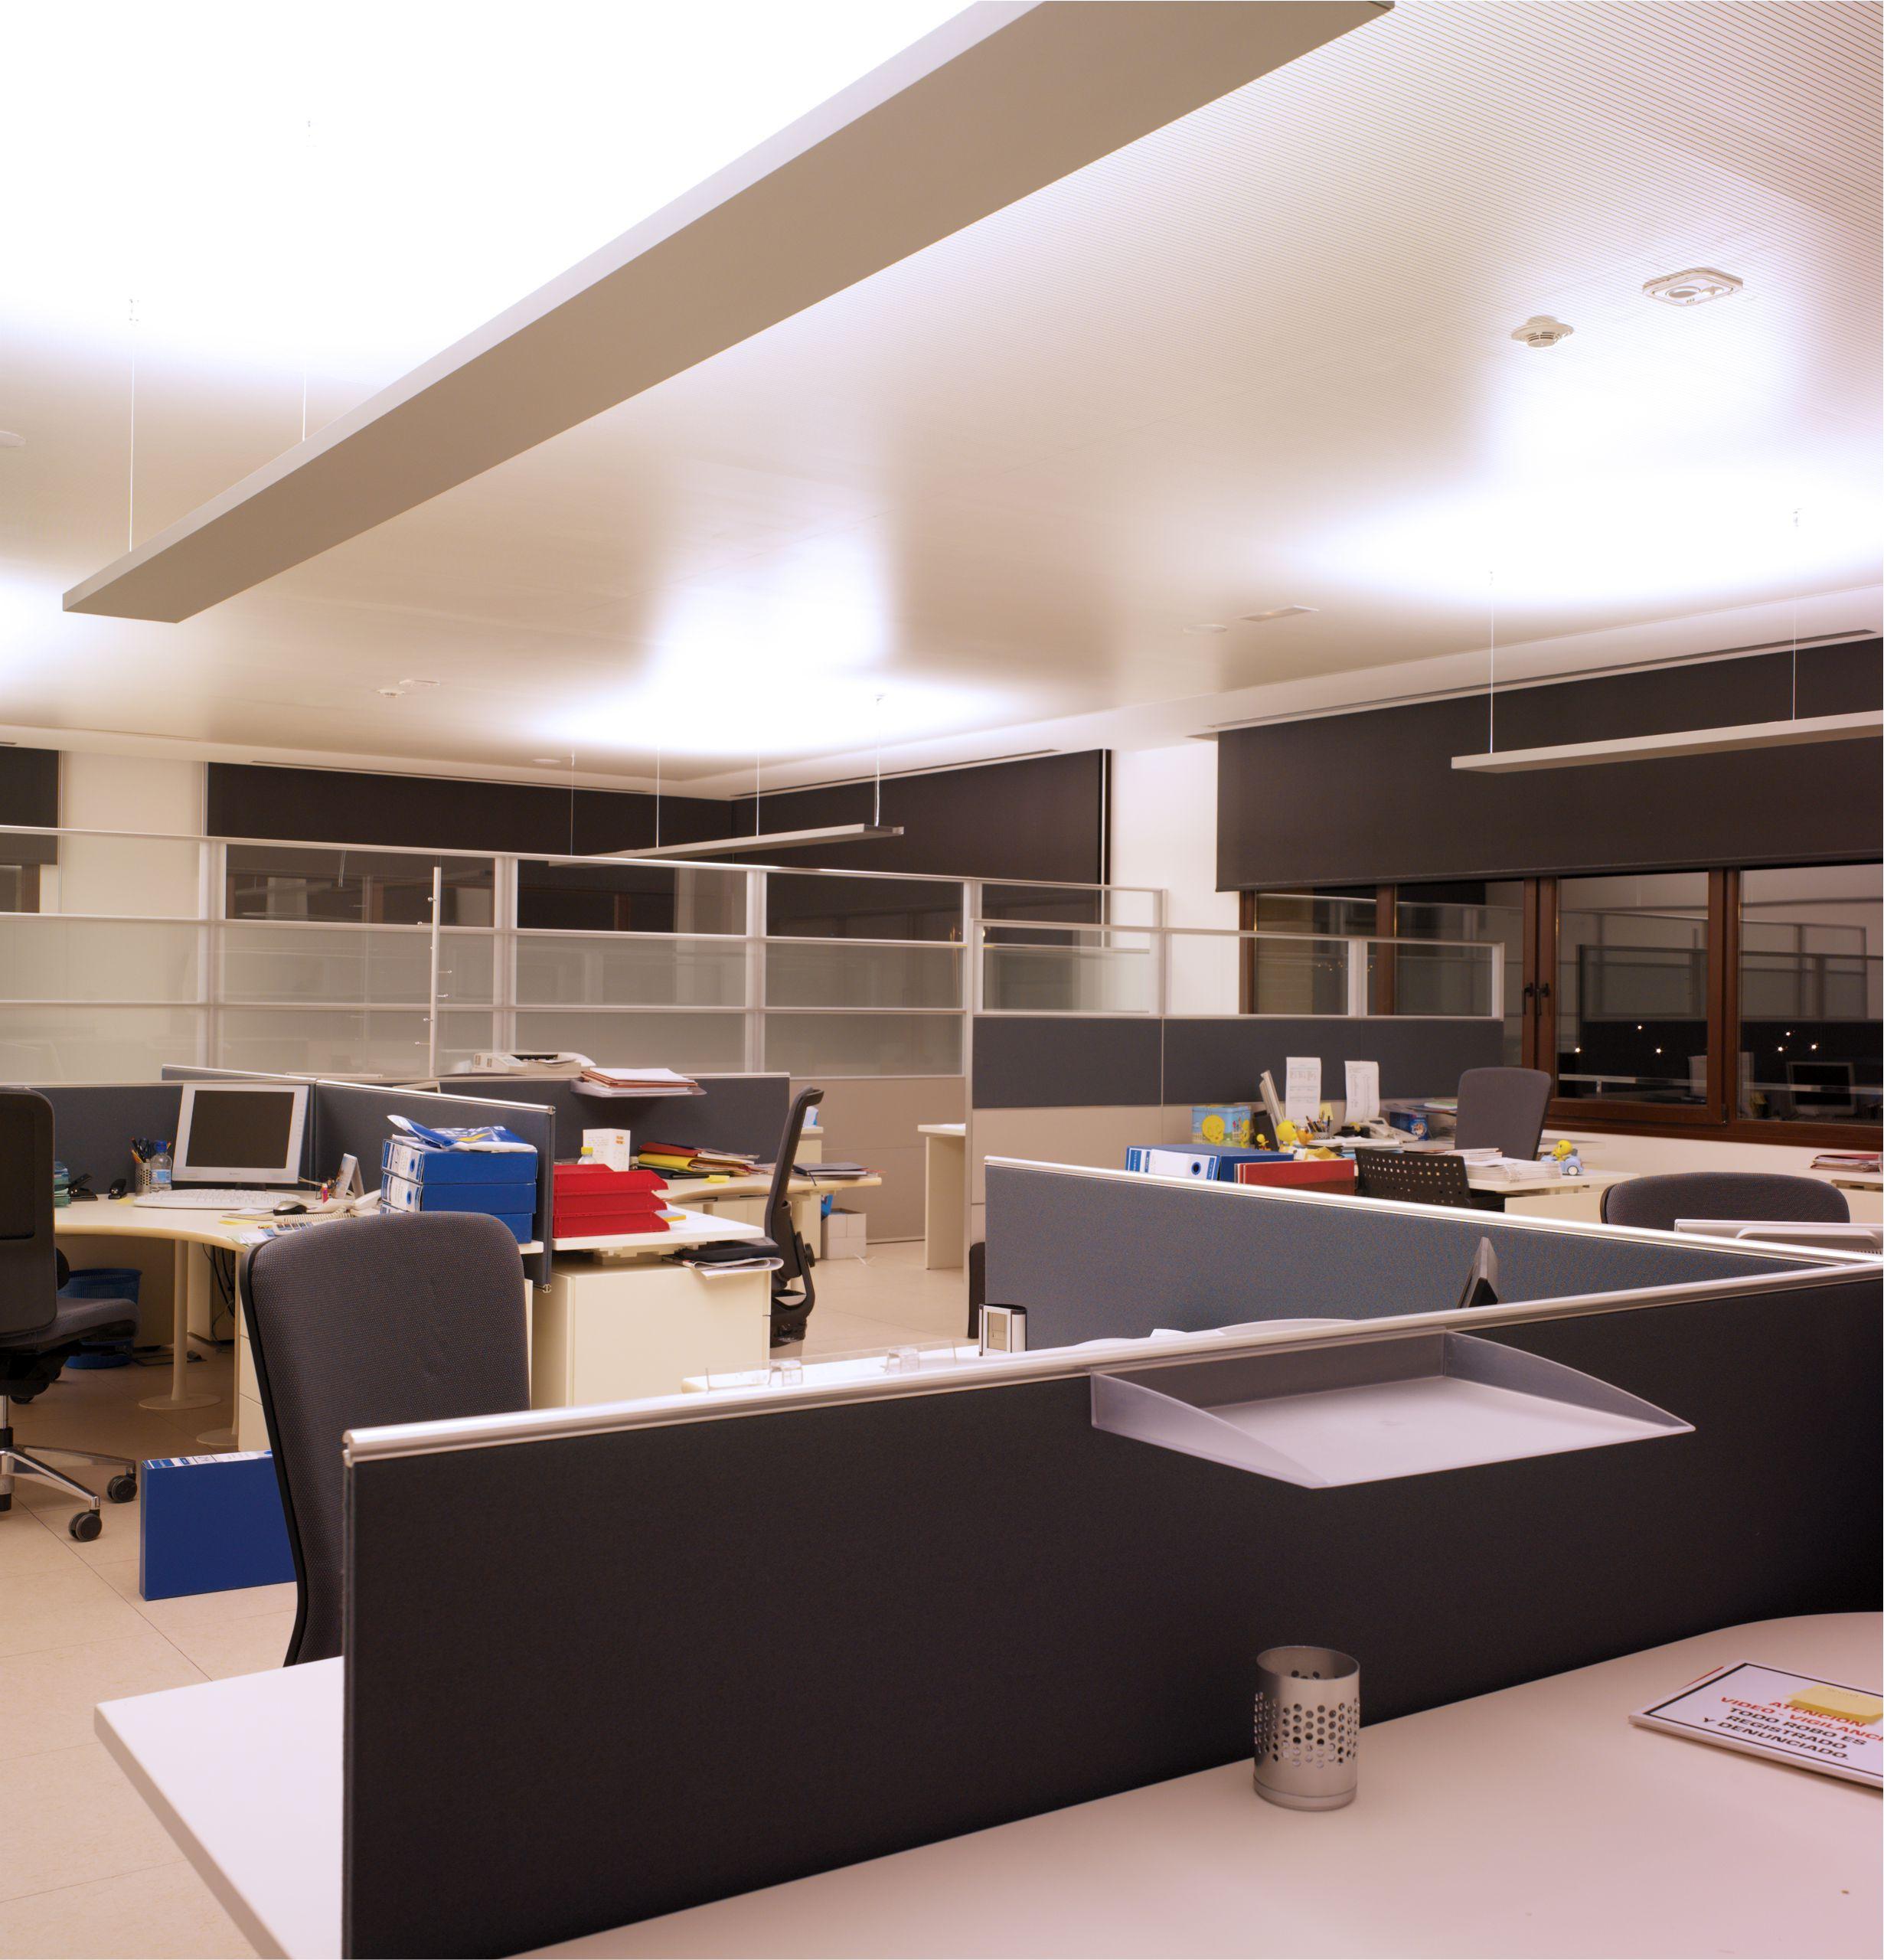 Dise o interior oficinas virginia galva for Disenar mi oficina